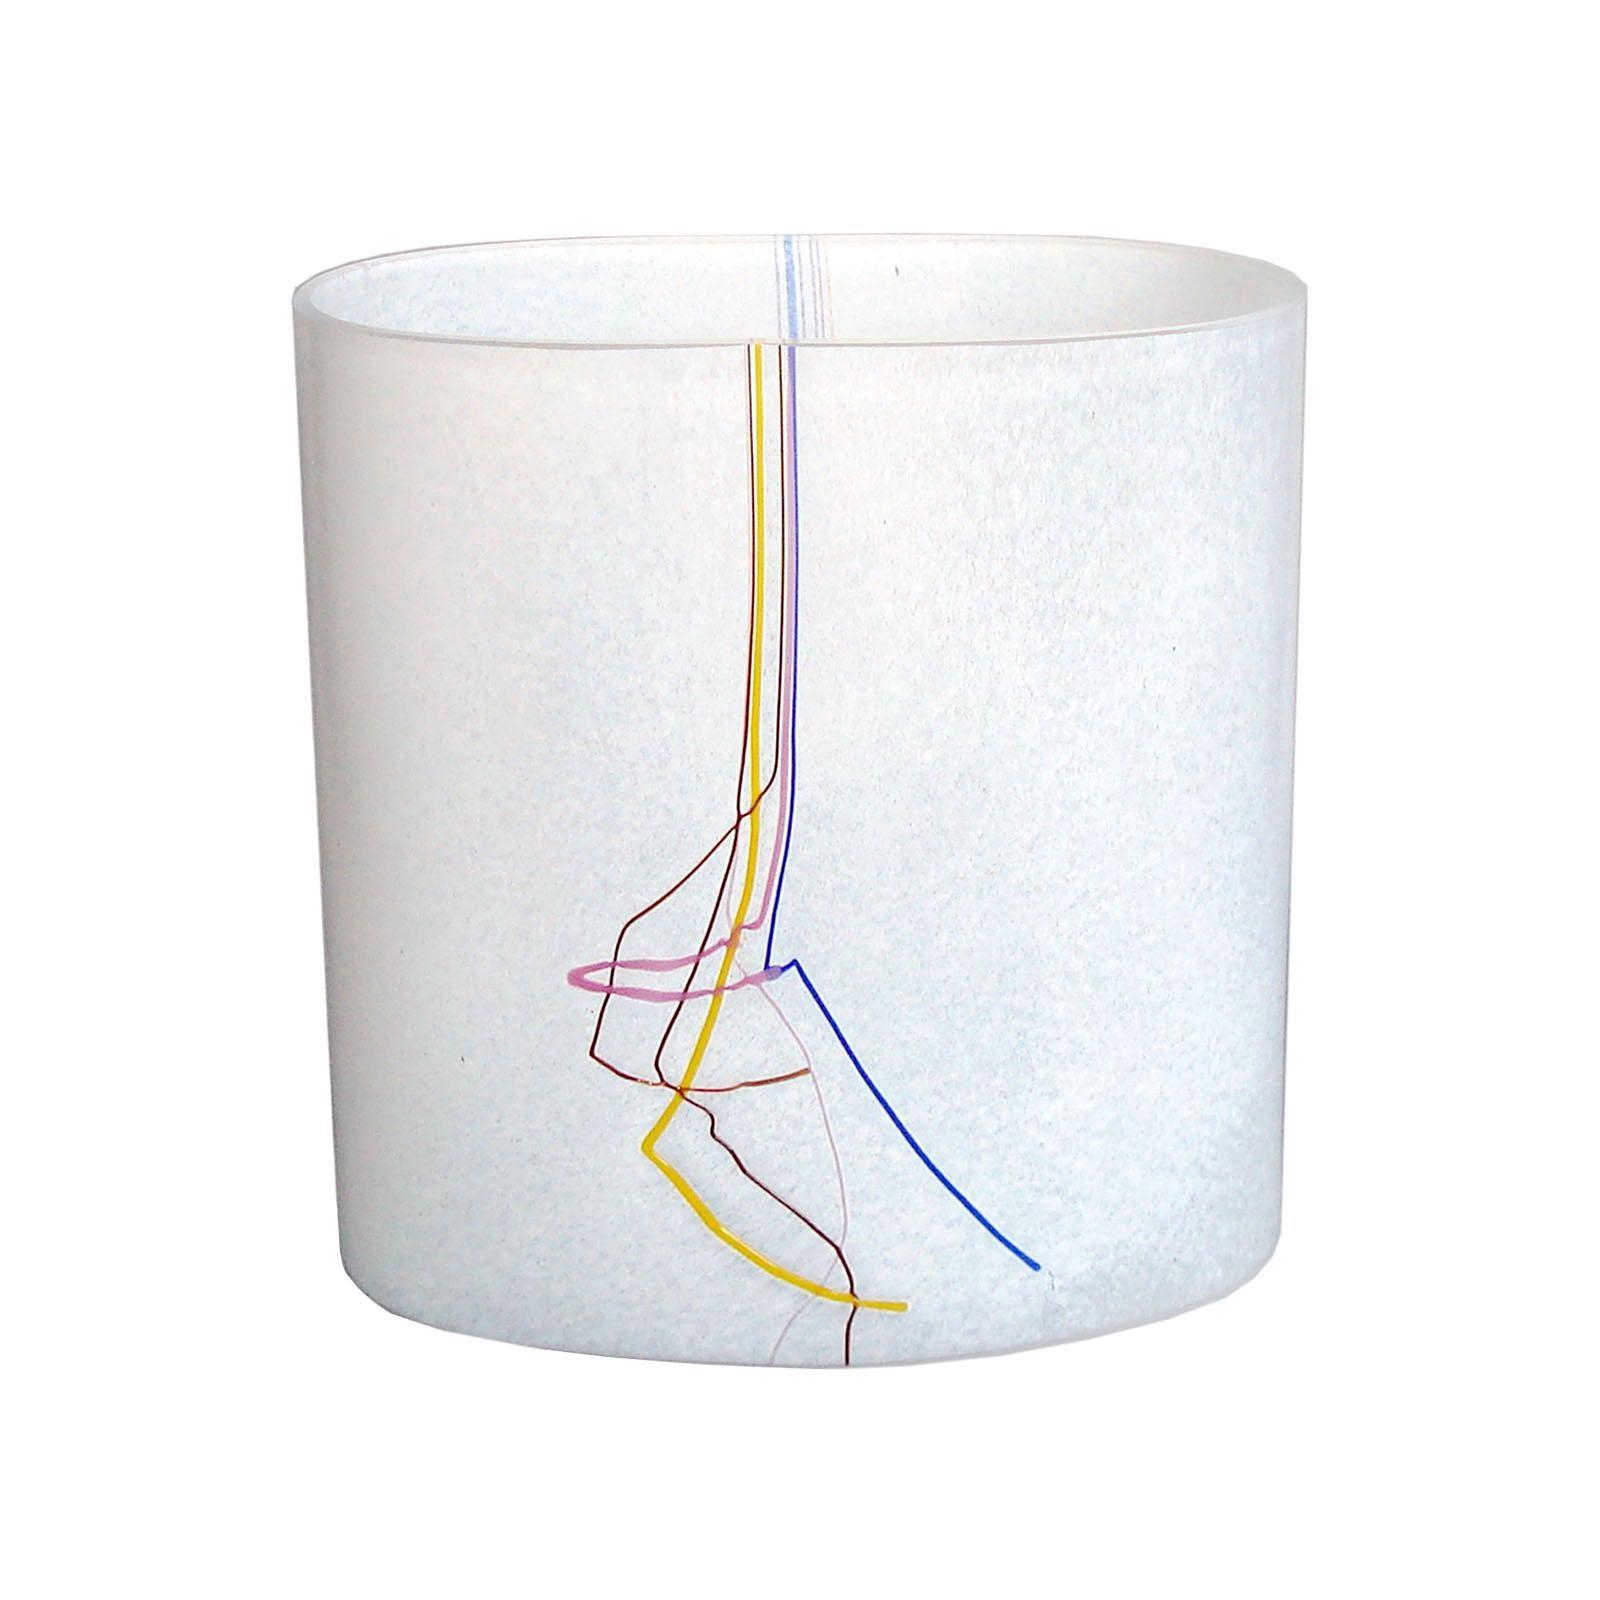 Bertil Vallien Kosta Boda Swedish Art Glass Vase Rainbow